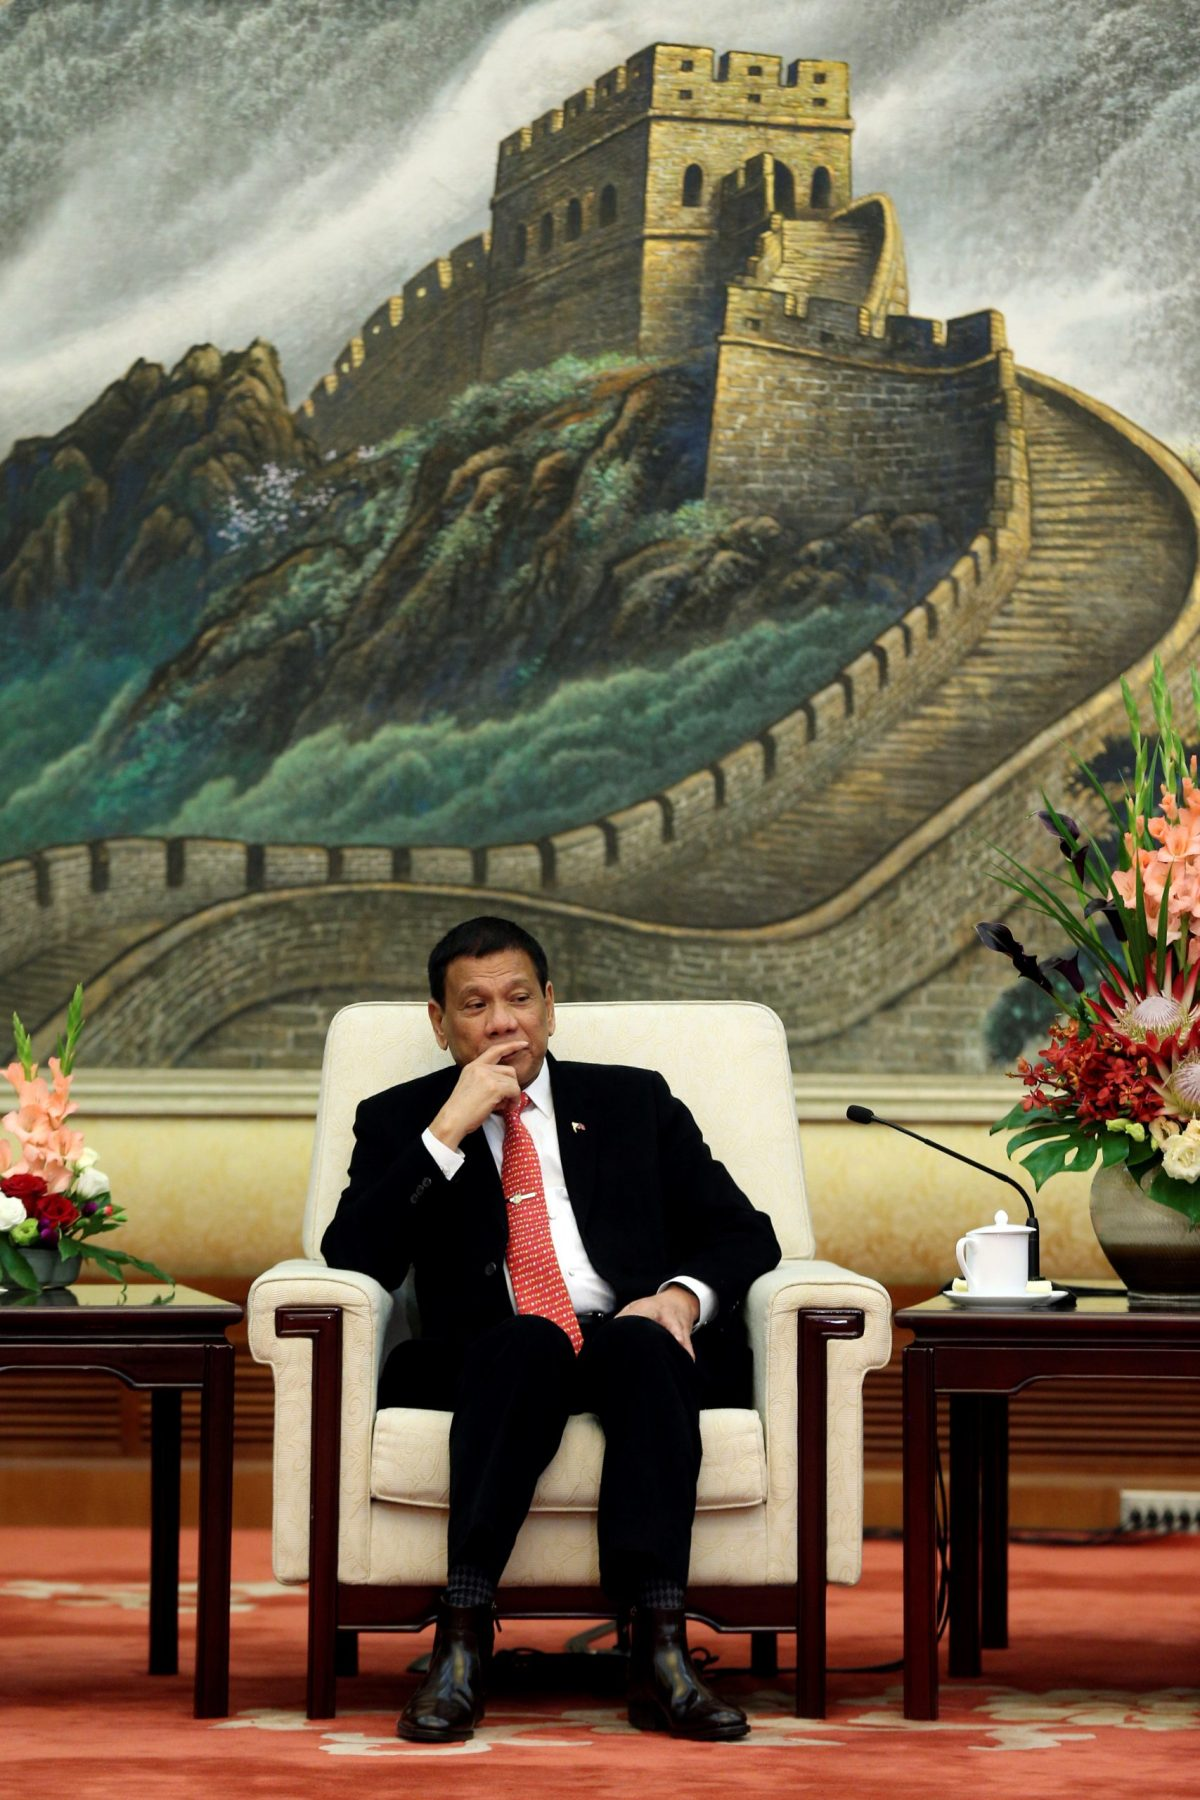 President Rodrigo Duterte's needs Chinese financing to build the US$4 billion Mindanao Railway. Photo: Reuters/Wu Hong